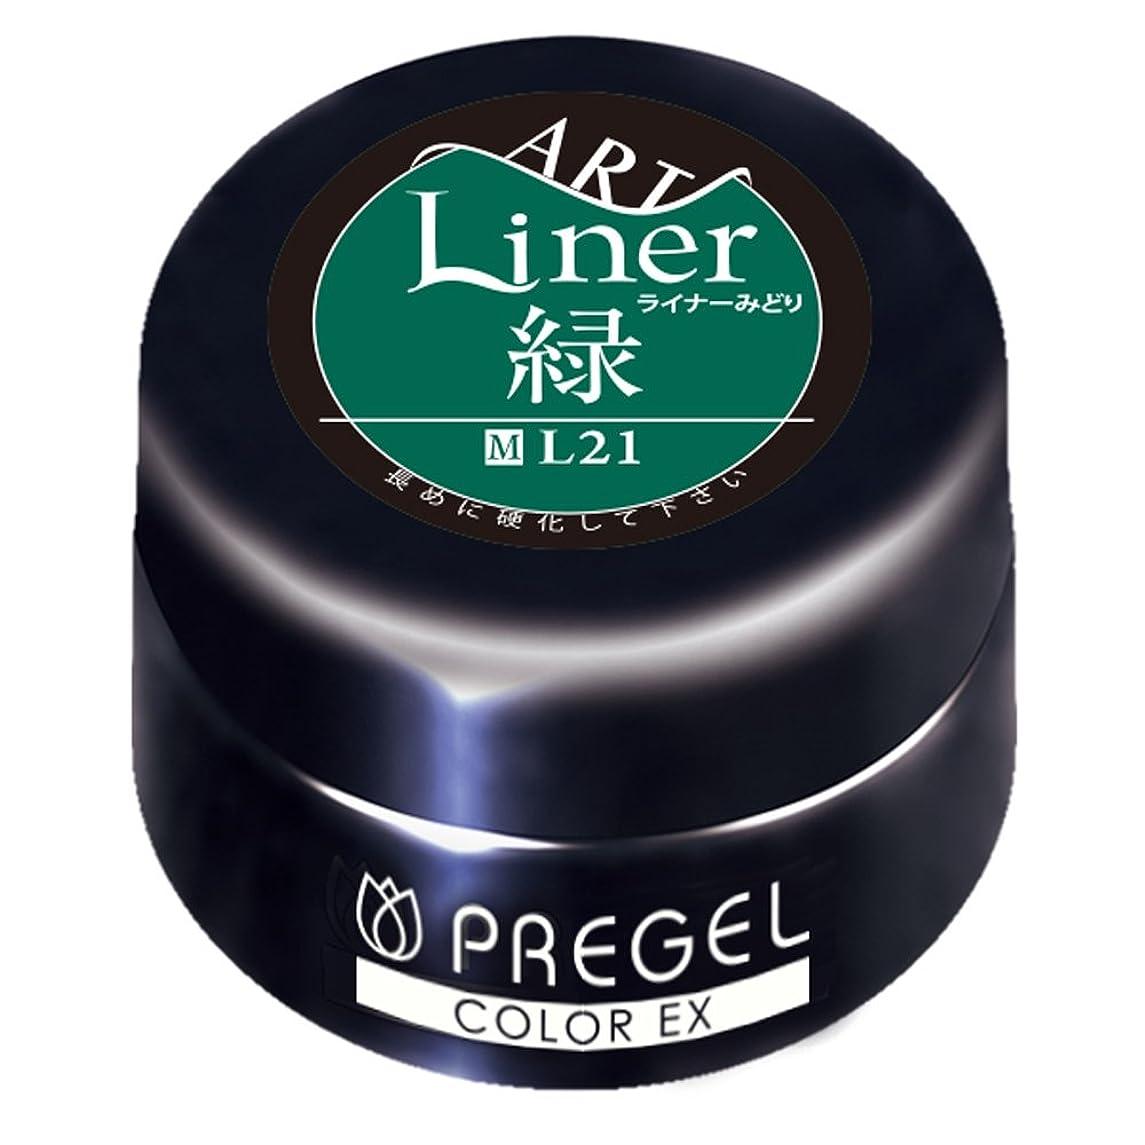 トランジスタ鳴り響くパースブラックボロウPRE GEL カラーEX ライナー緑21 4g UV/LED対応